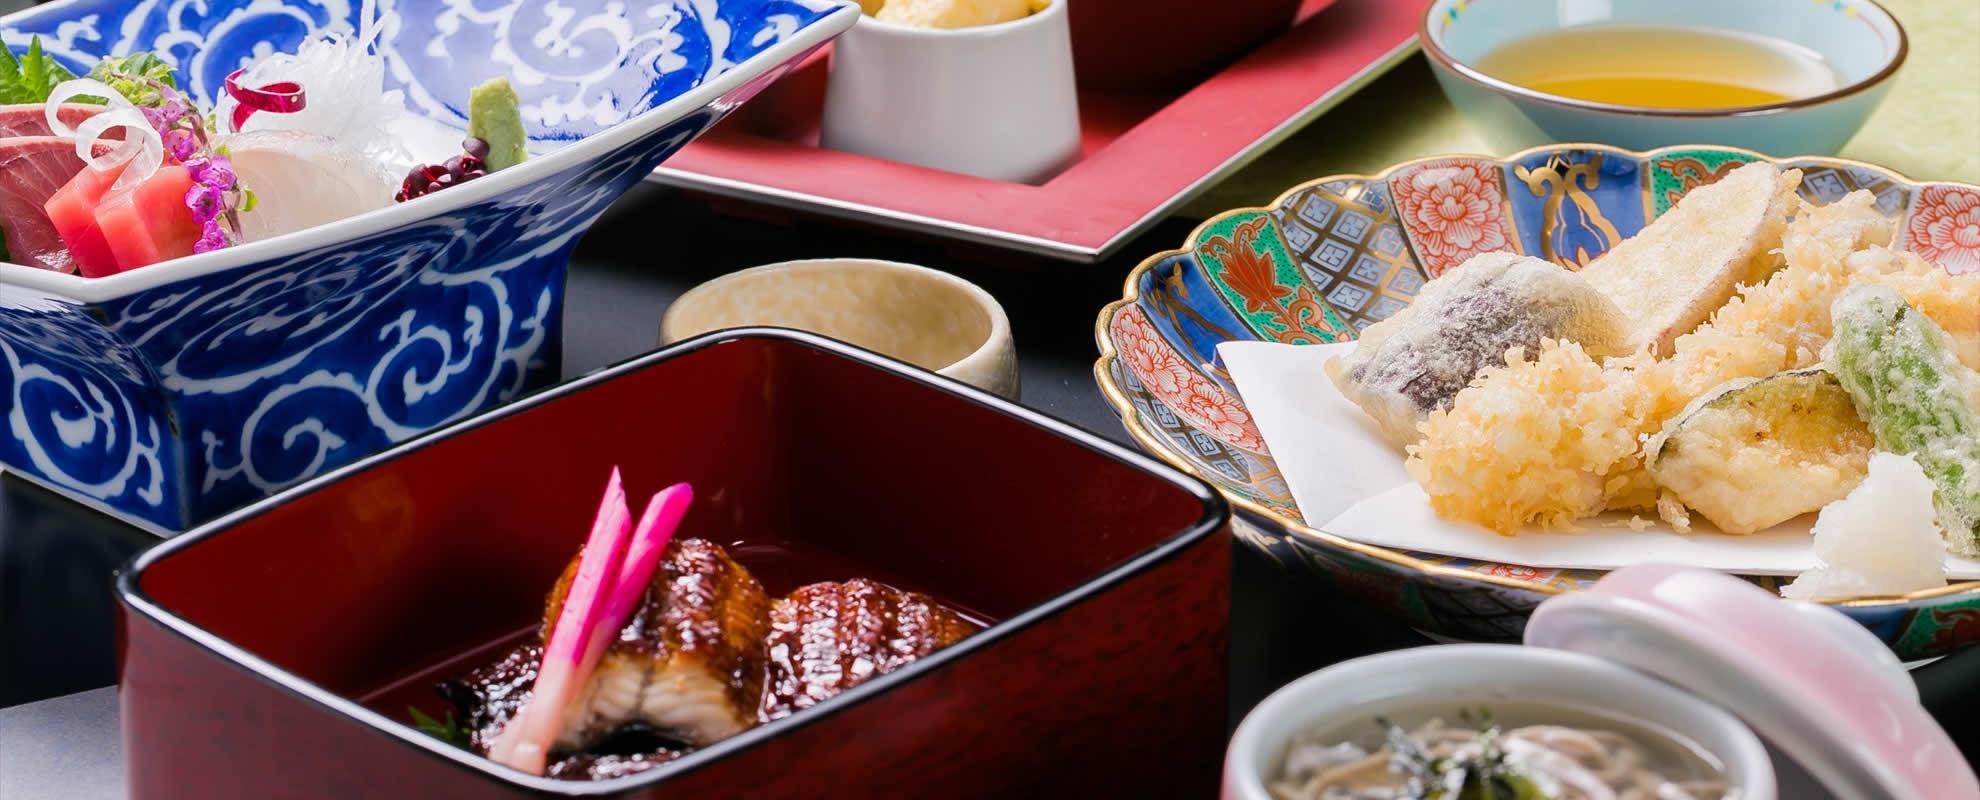 魚一-庭園料亭蓬莱吉日庵|島根県松江市